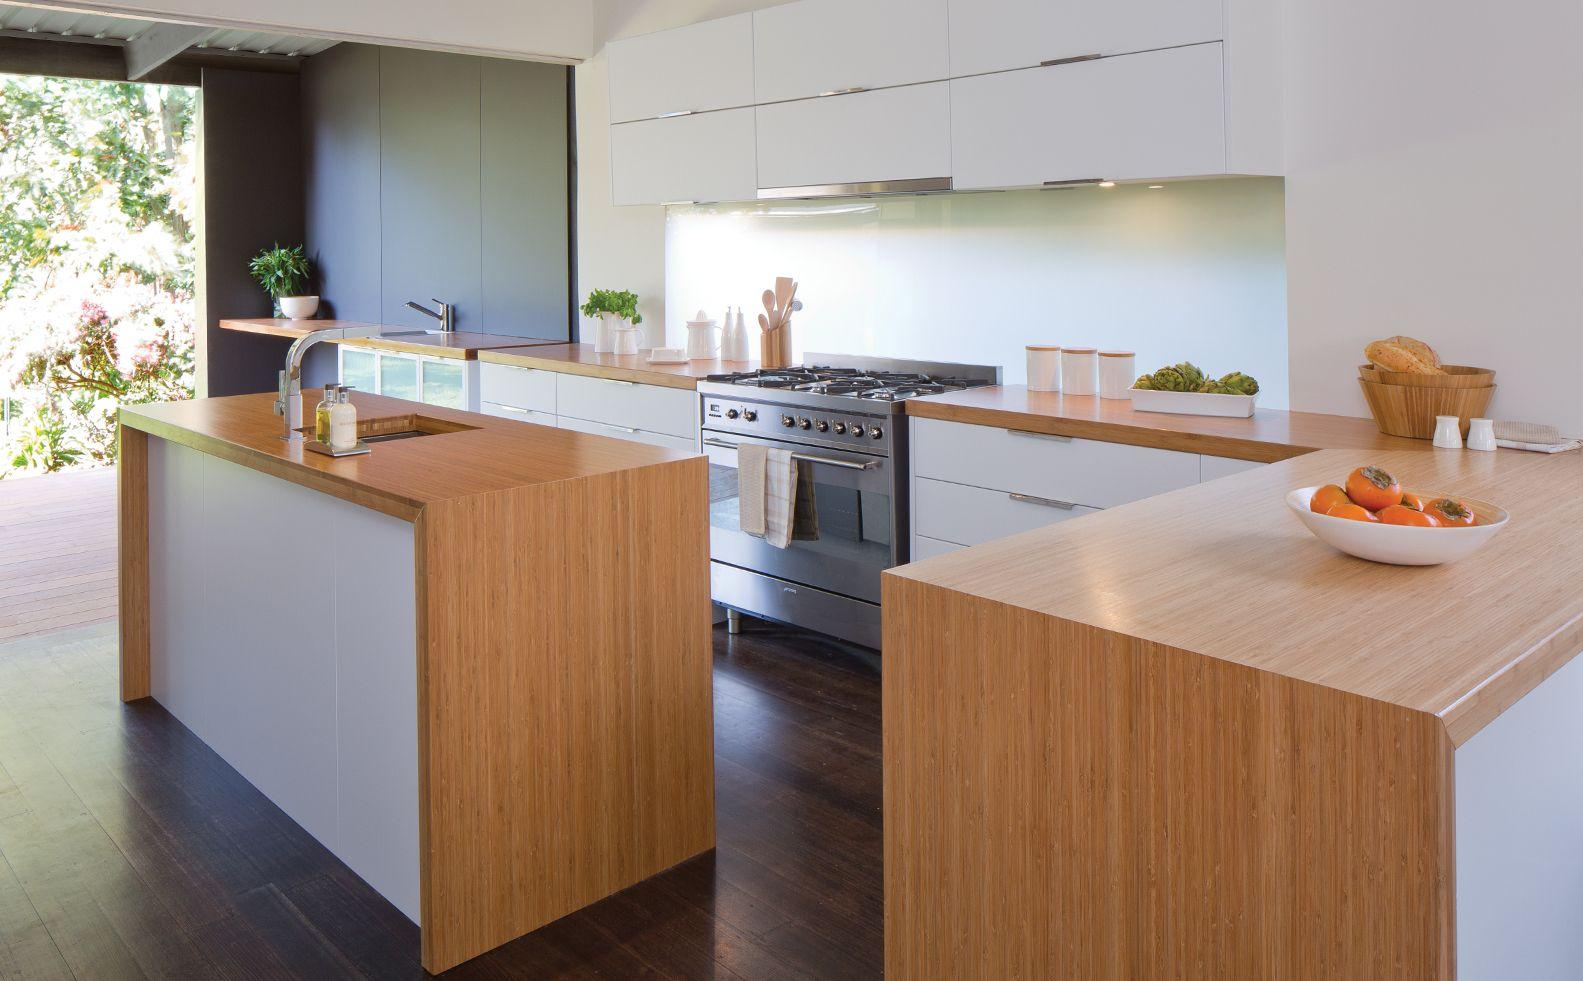 Berühmt Maßgeschneiderte Kücheninsel Einheiten Galerie - Ideen Für ...